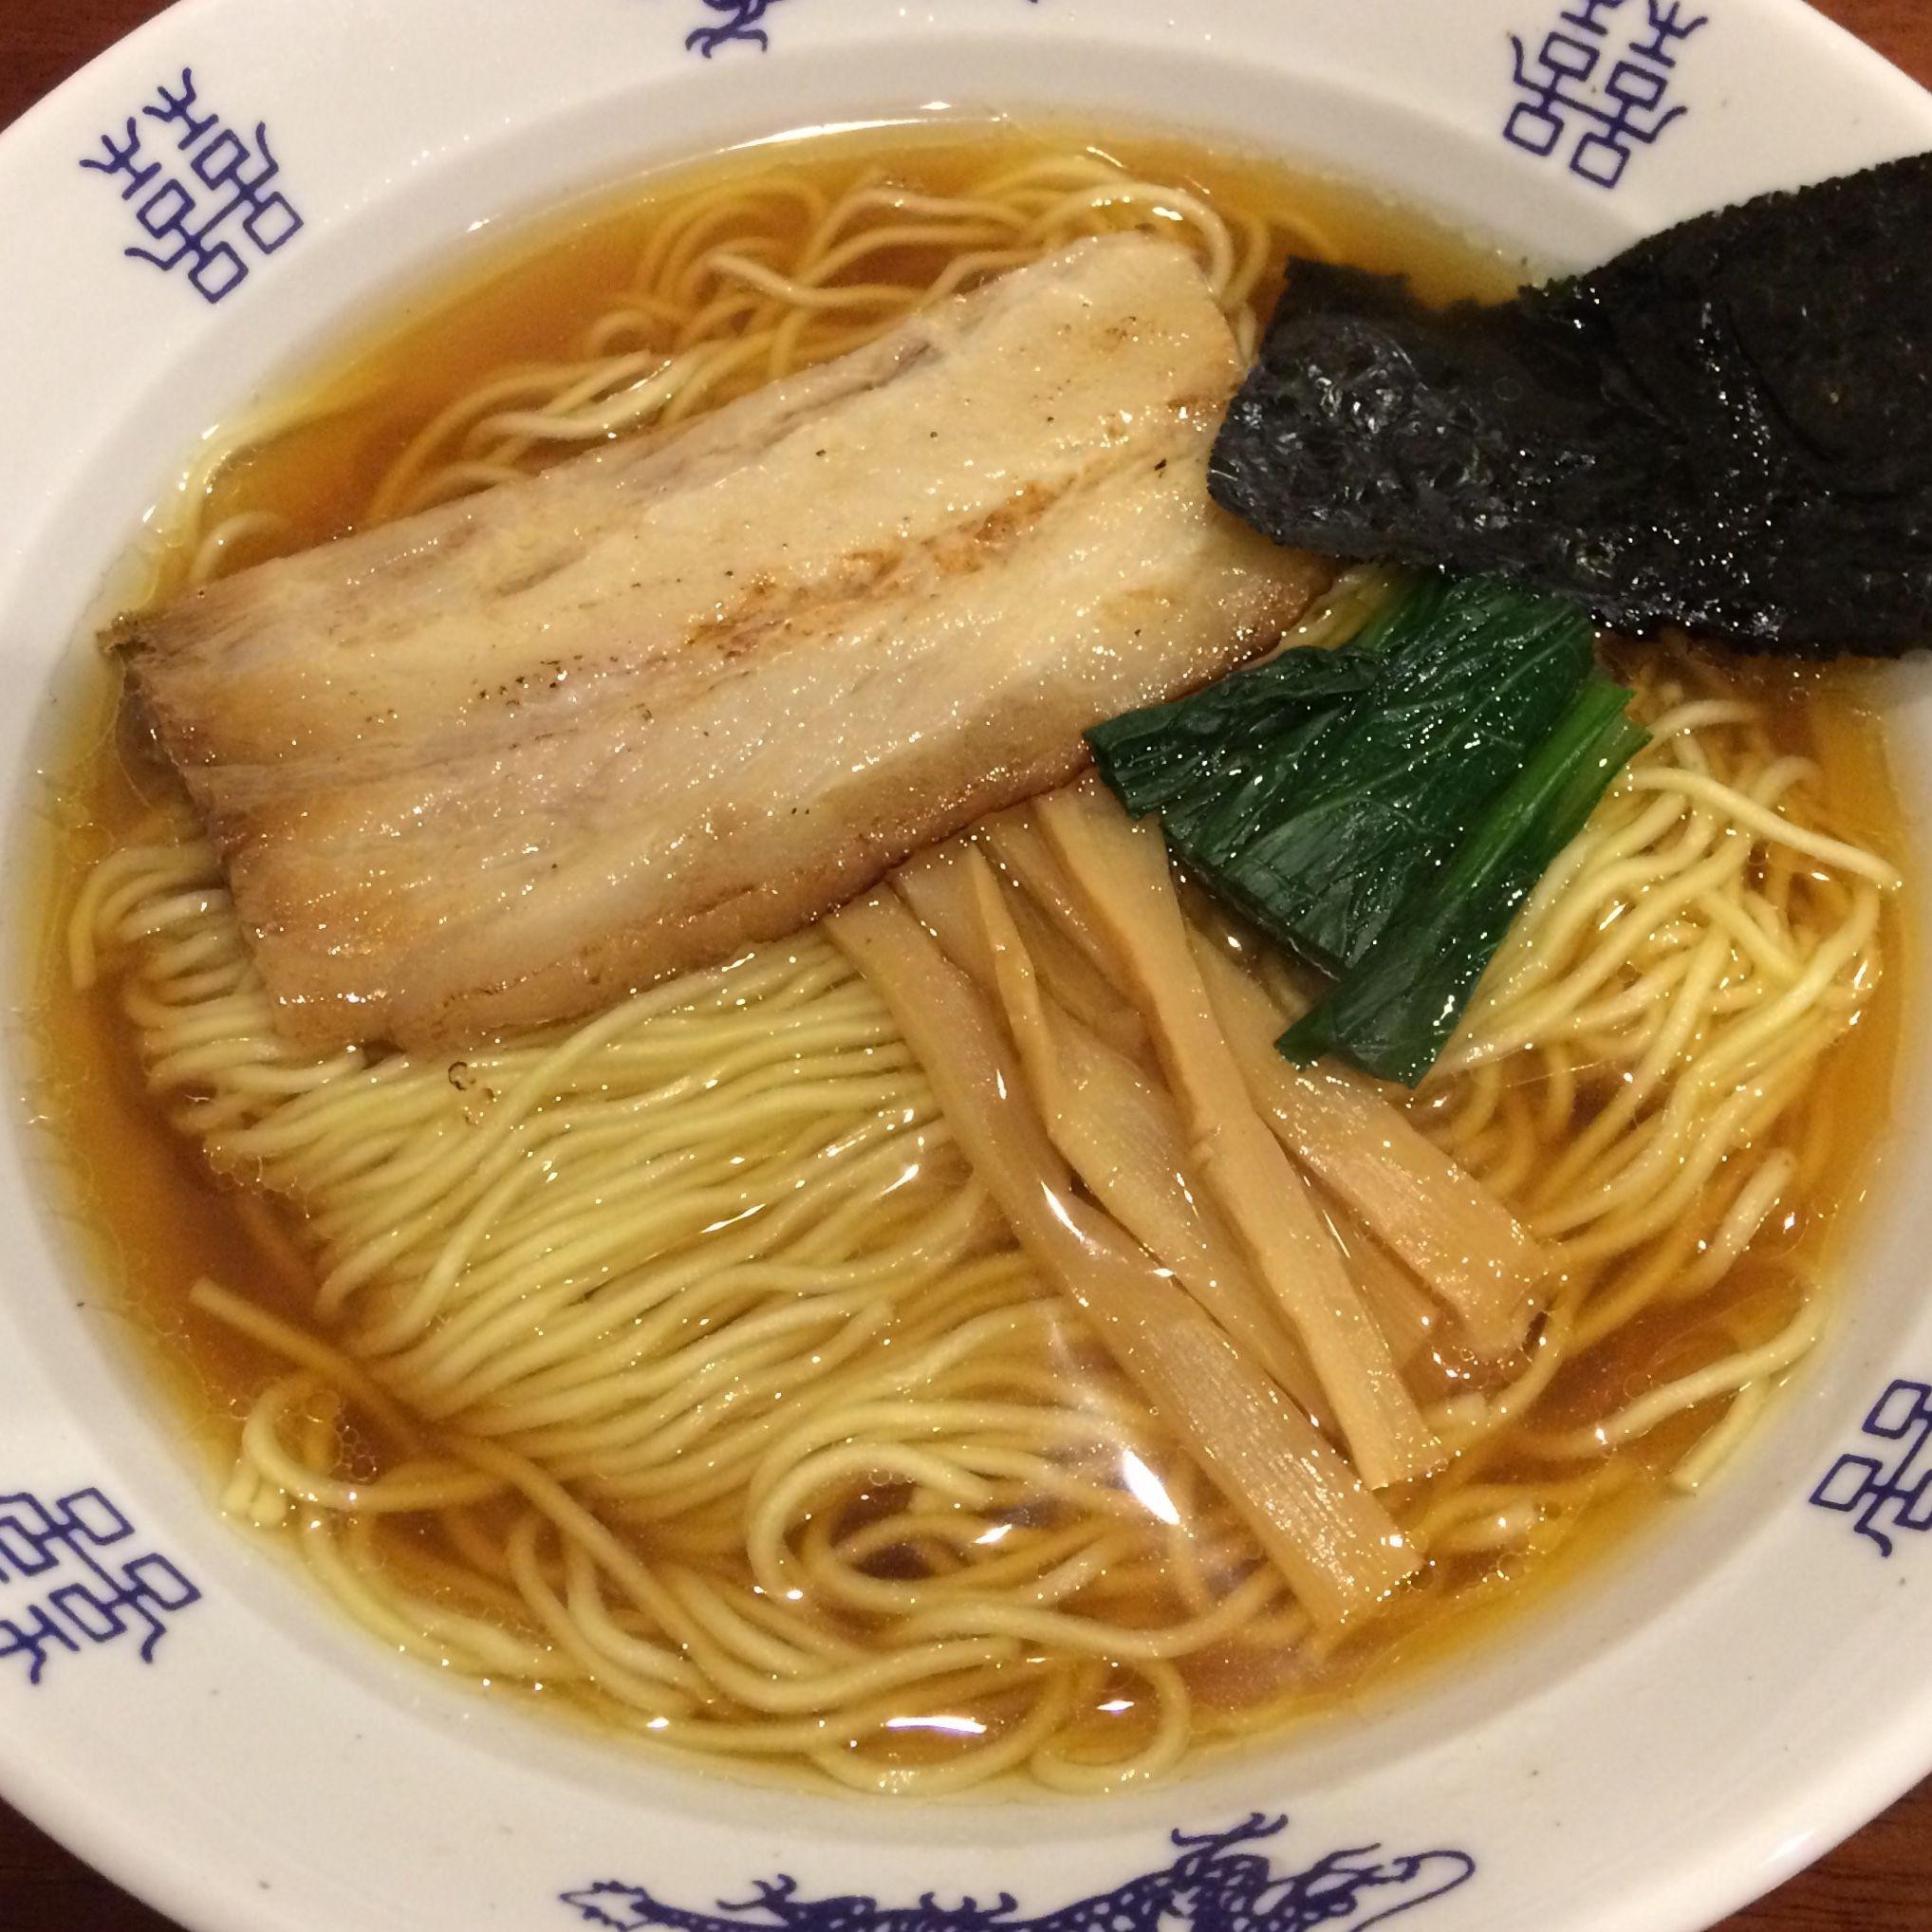 一徳のらーめん醤油 細麺 料理 レシピ アジア料理 レシピ